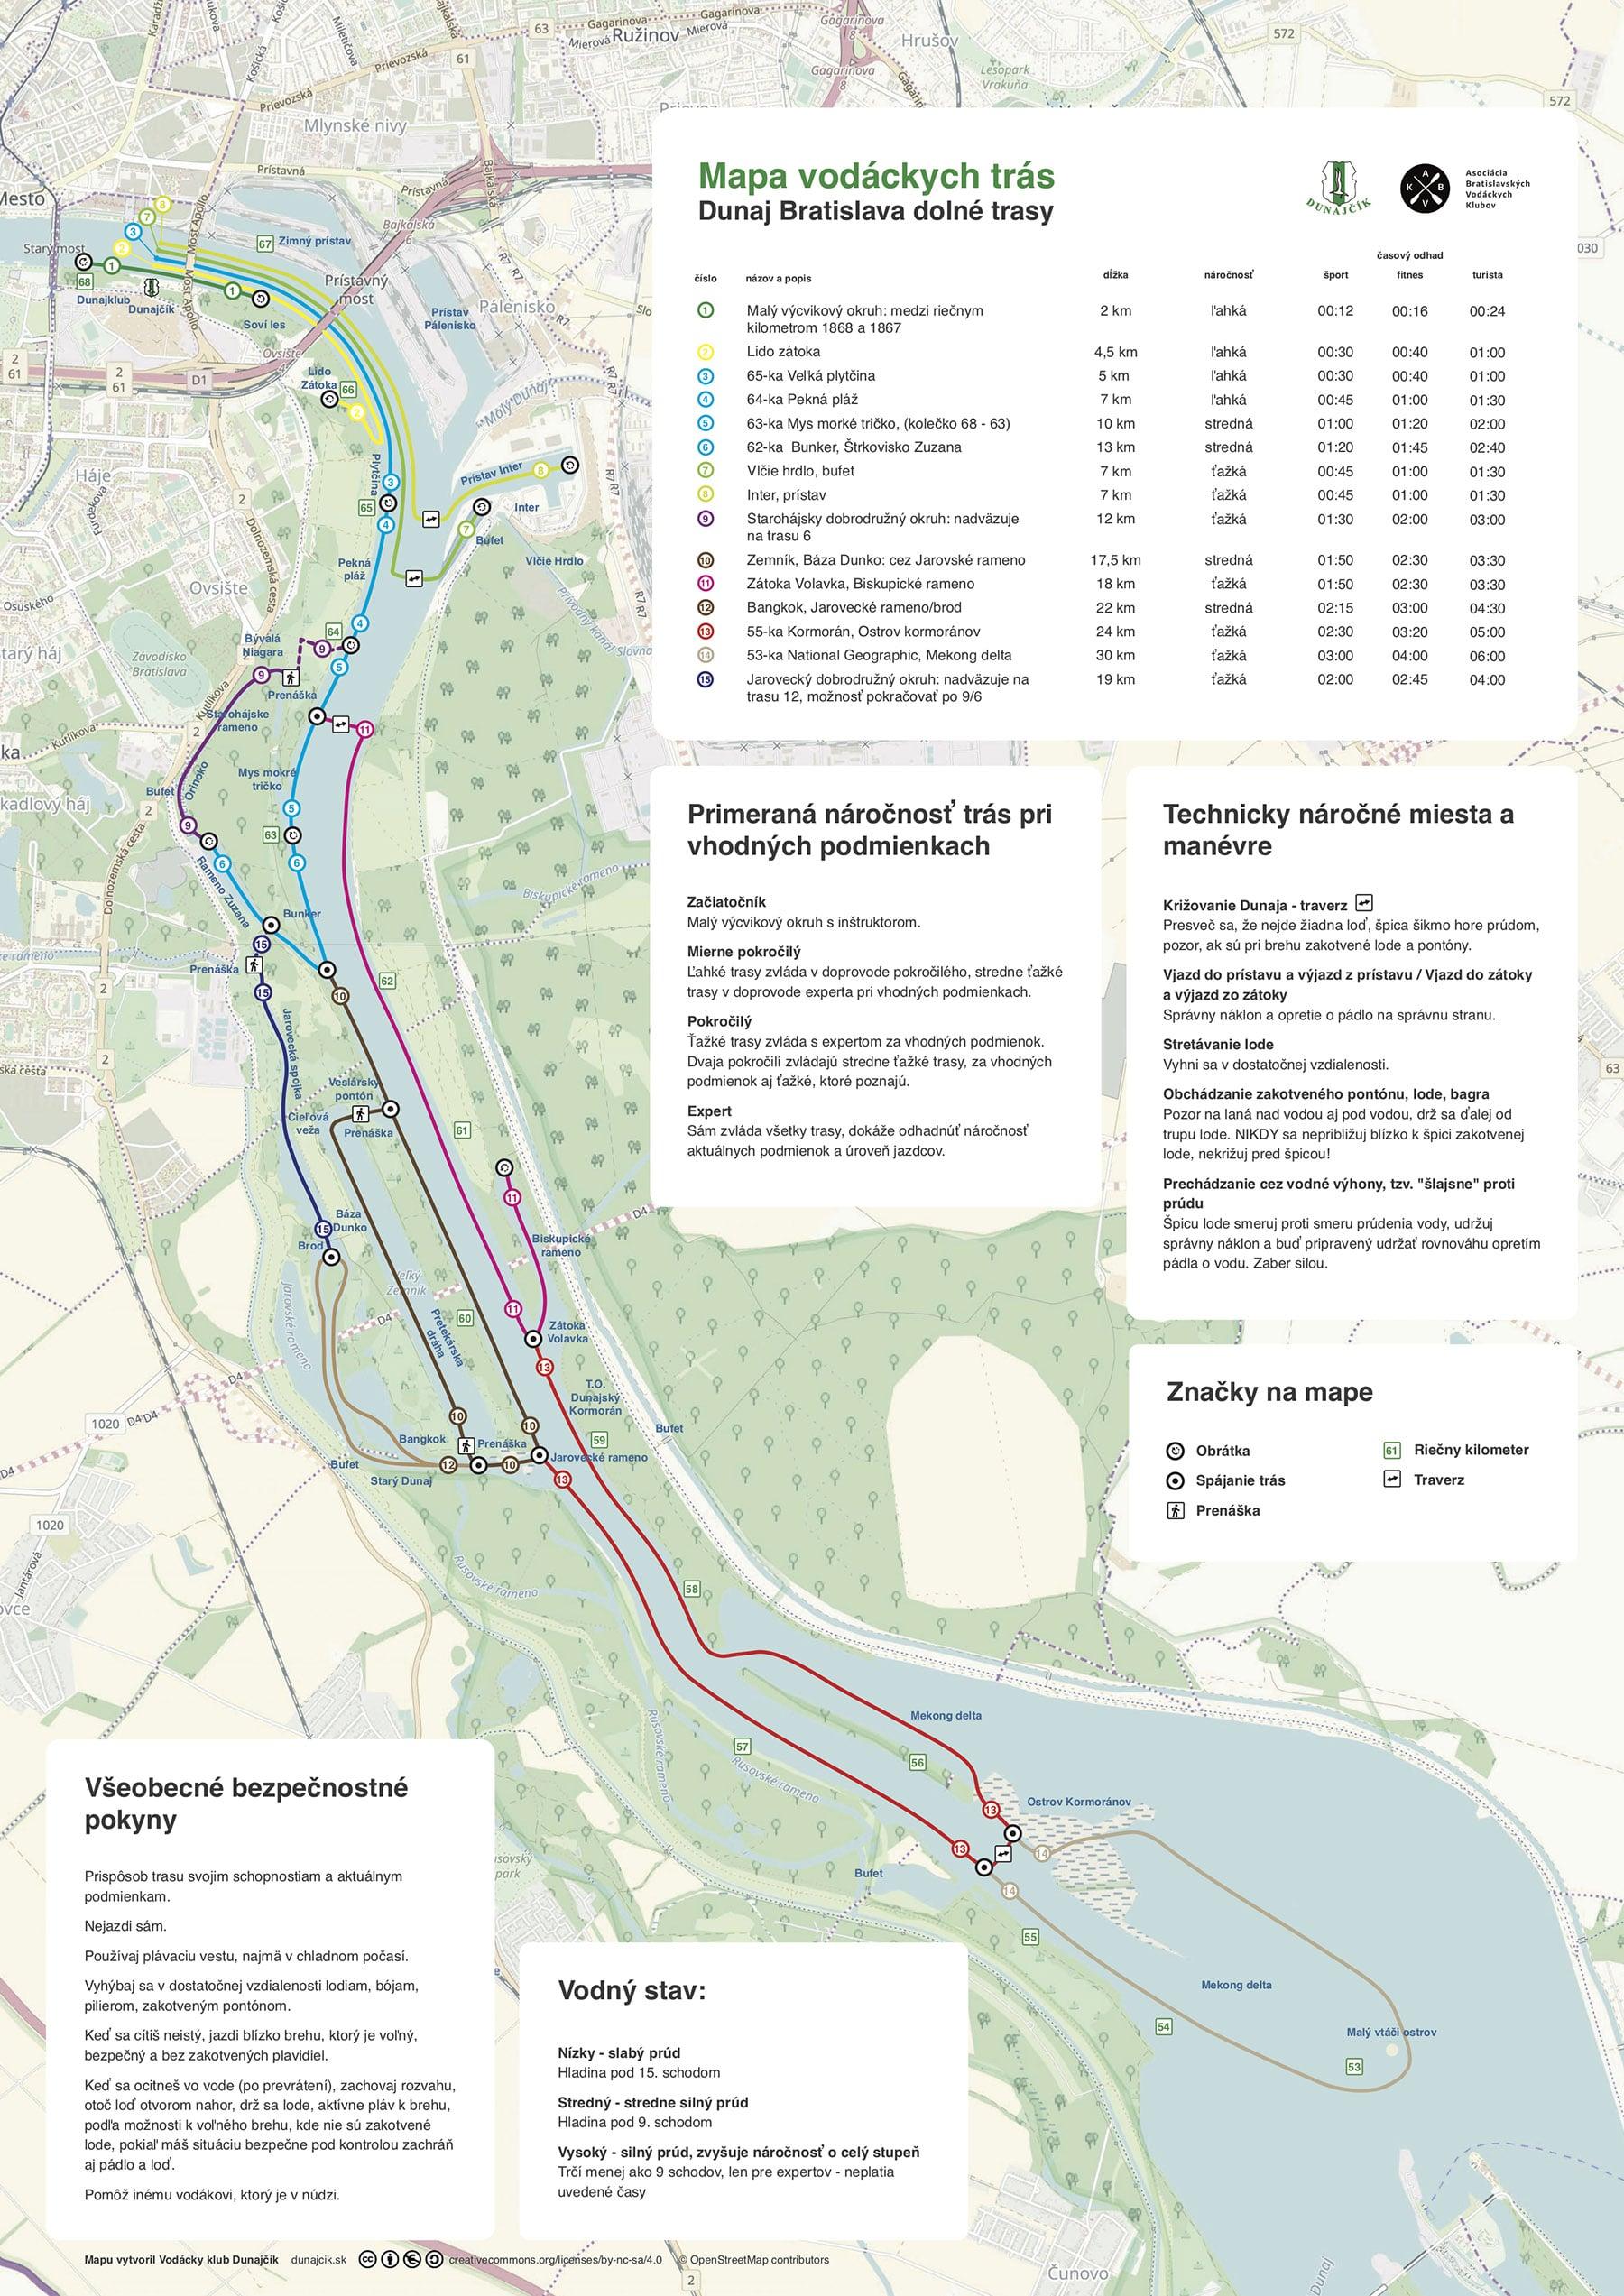 Mapa vodackych tras